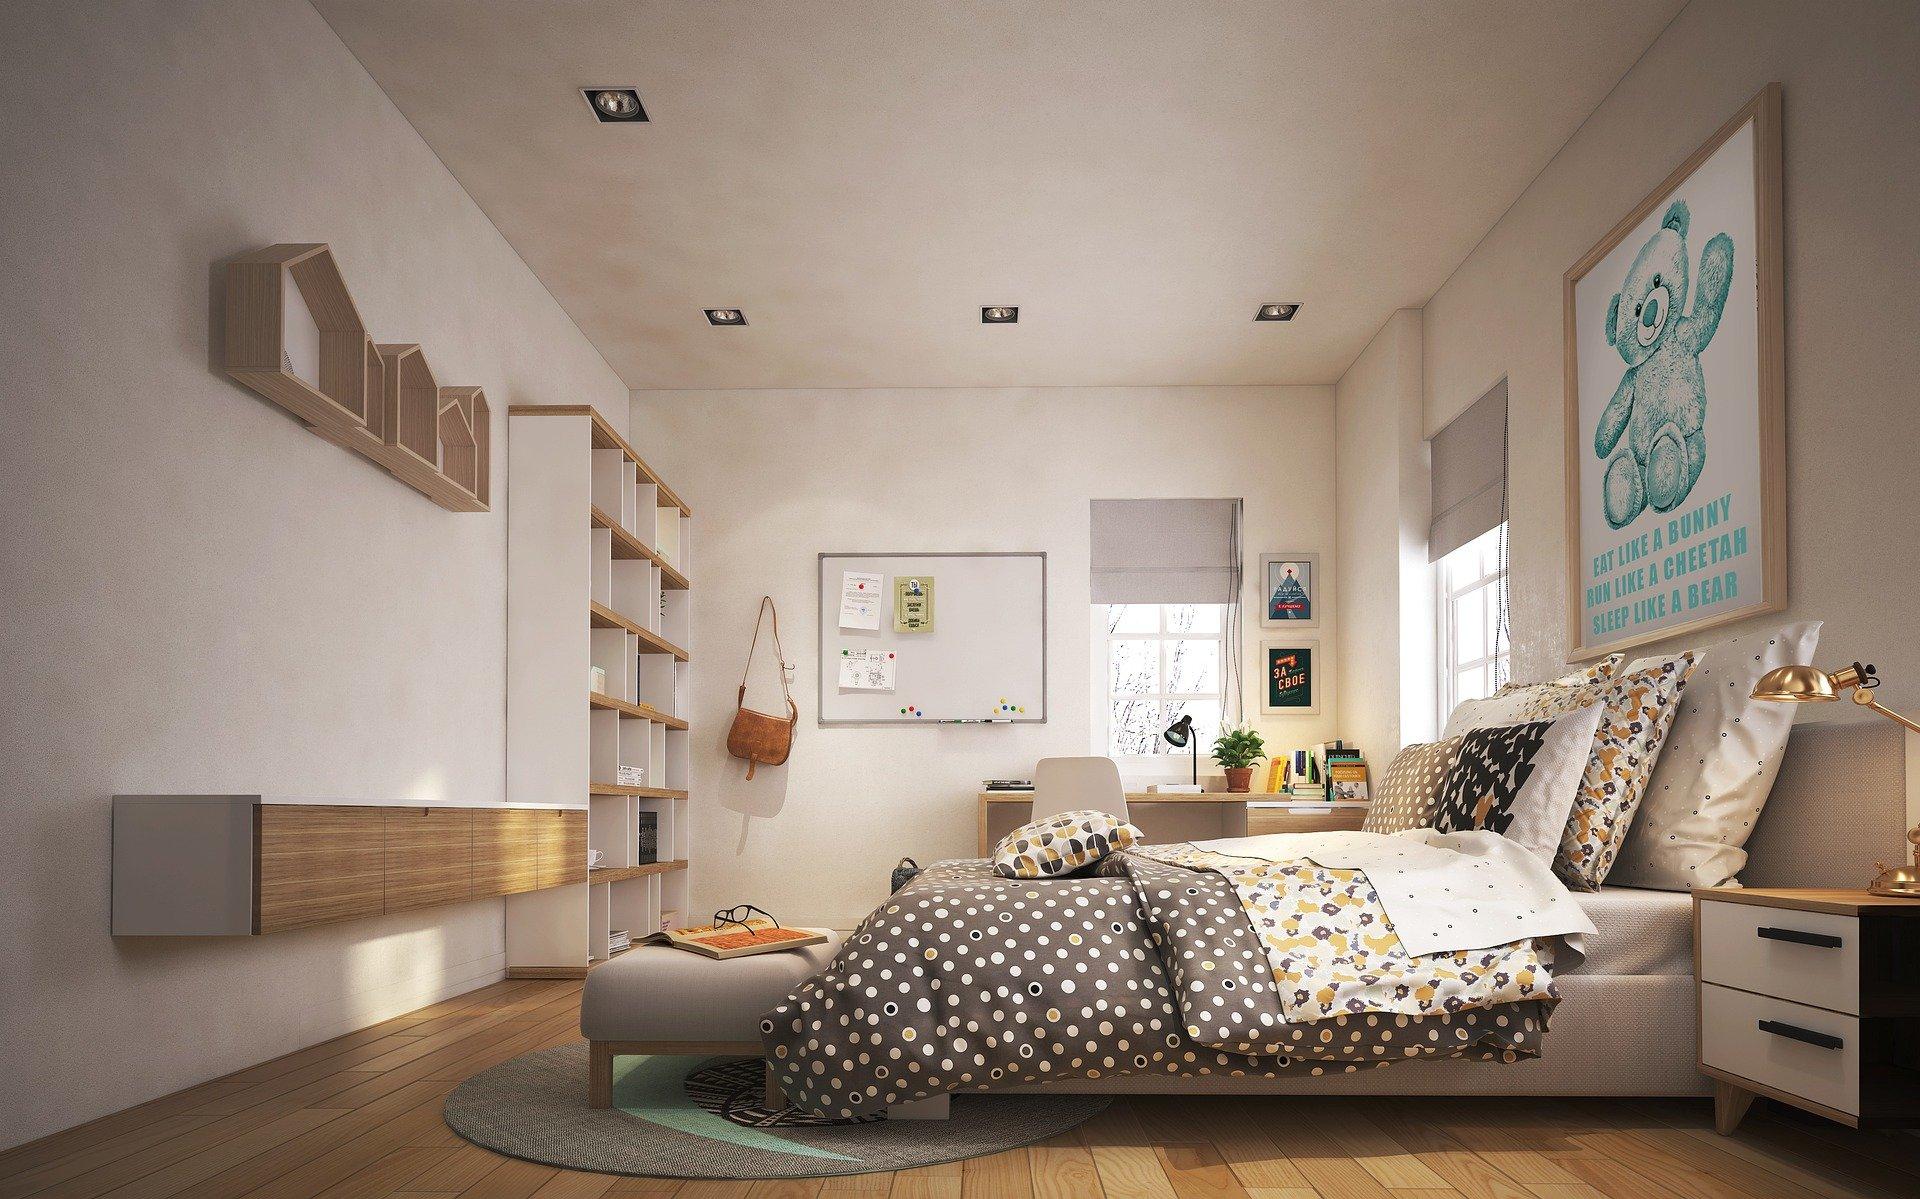 Consejos y recomendaciones, para combinar comodidad y belleza en casa / Crédito de foto: Pixabay.com